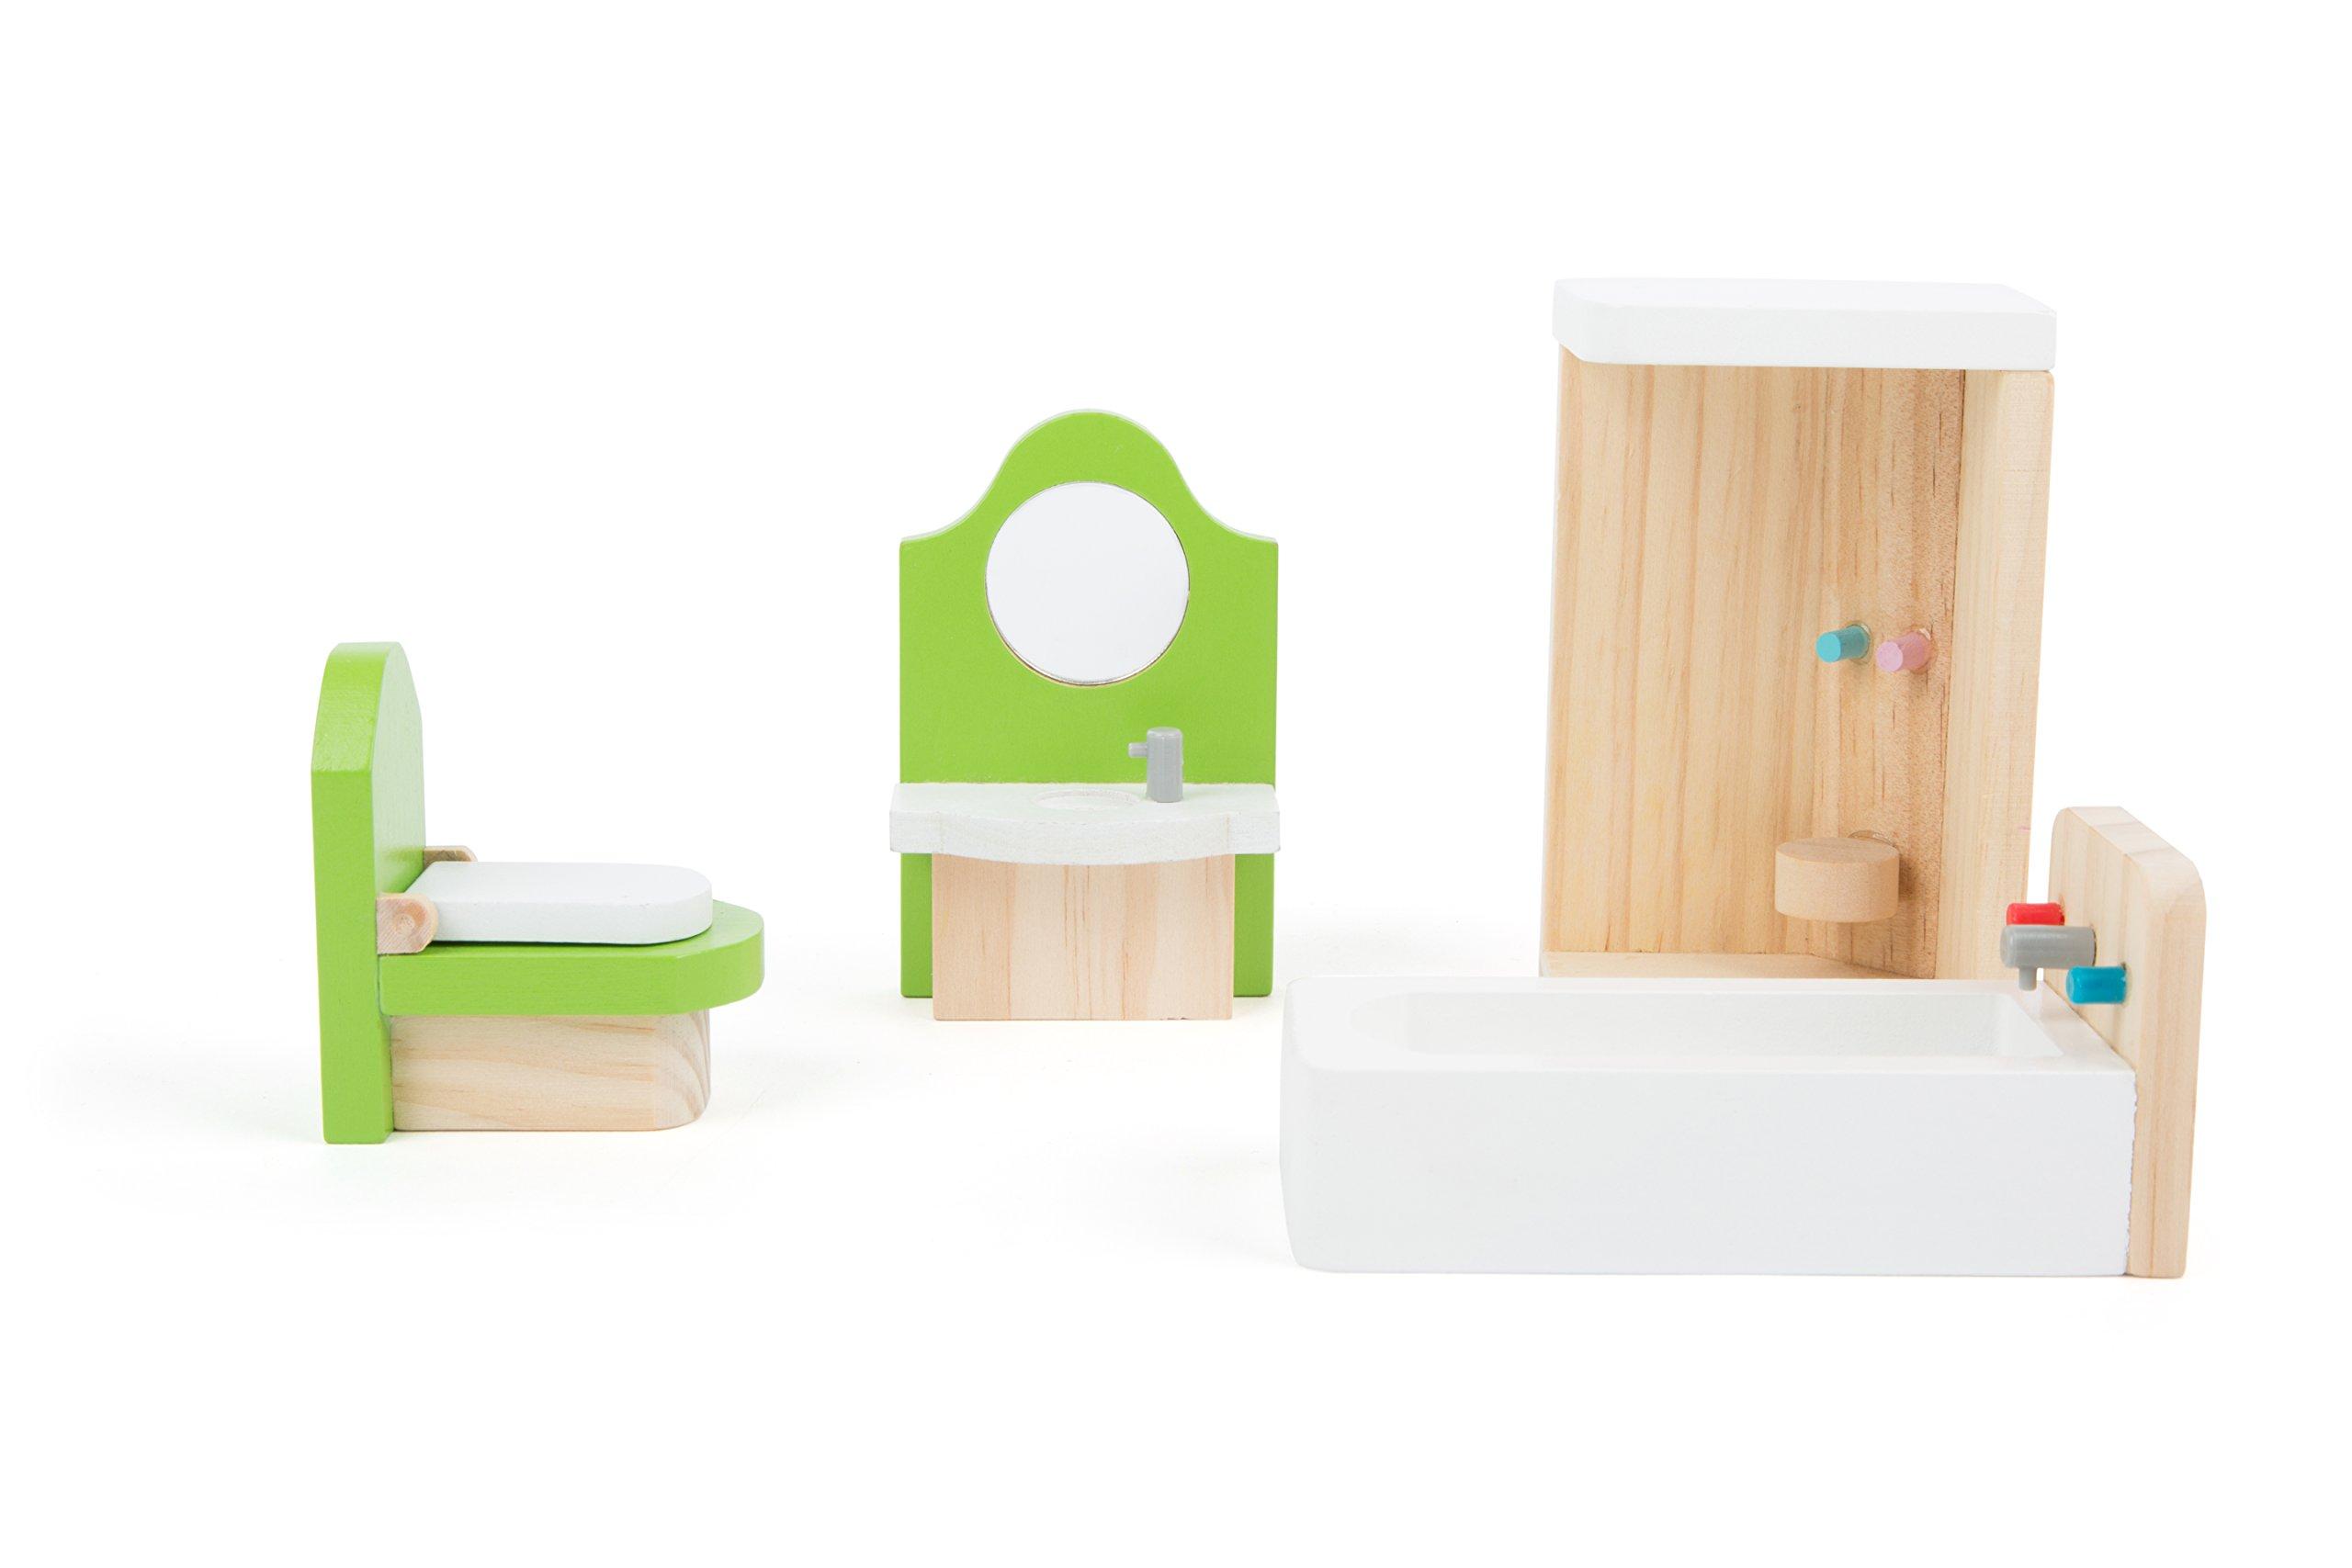 Mobili Per Bambole In Legno : Small foot mobili in legno per bambole giochi legno